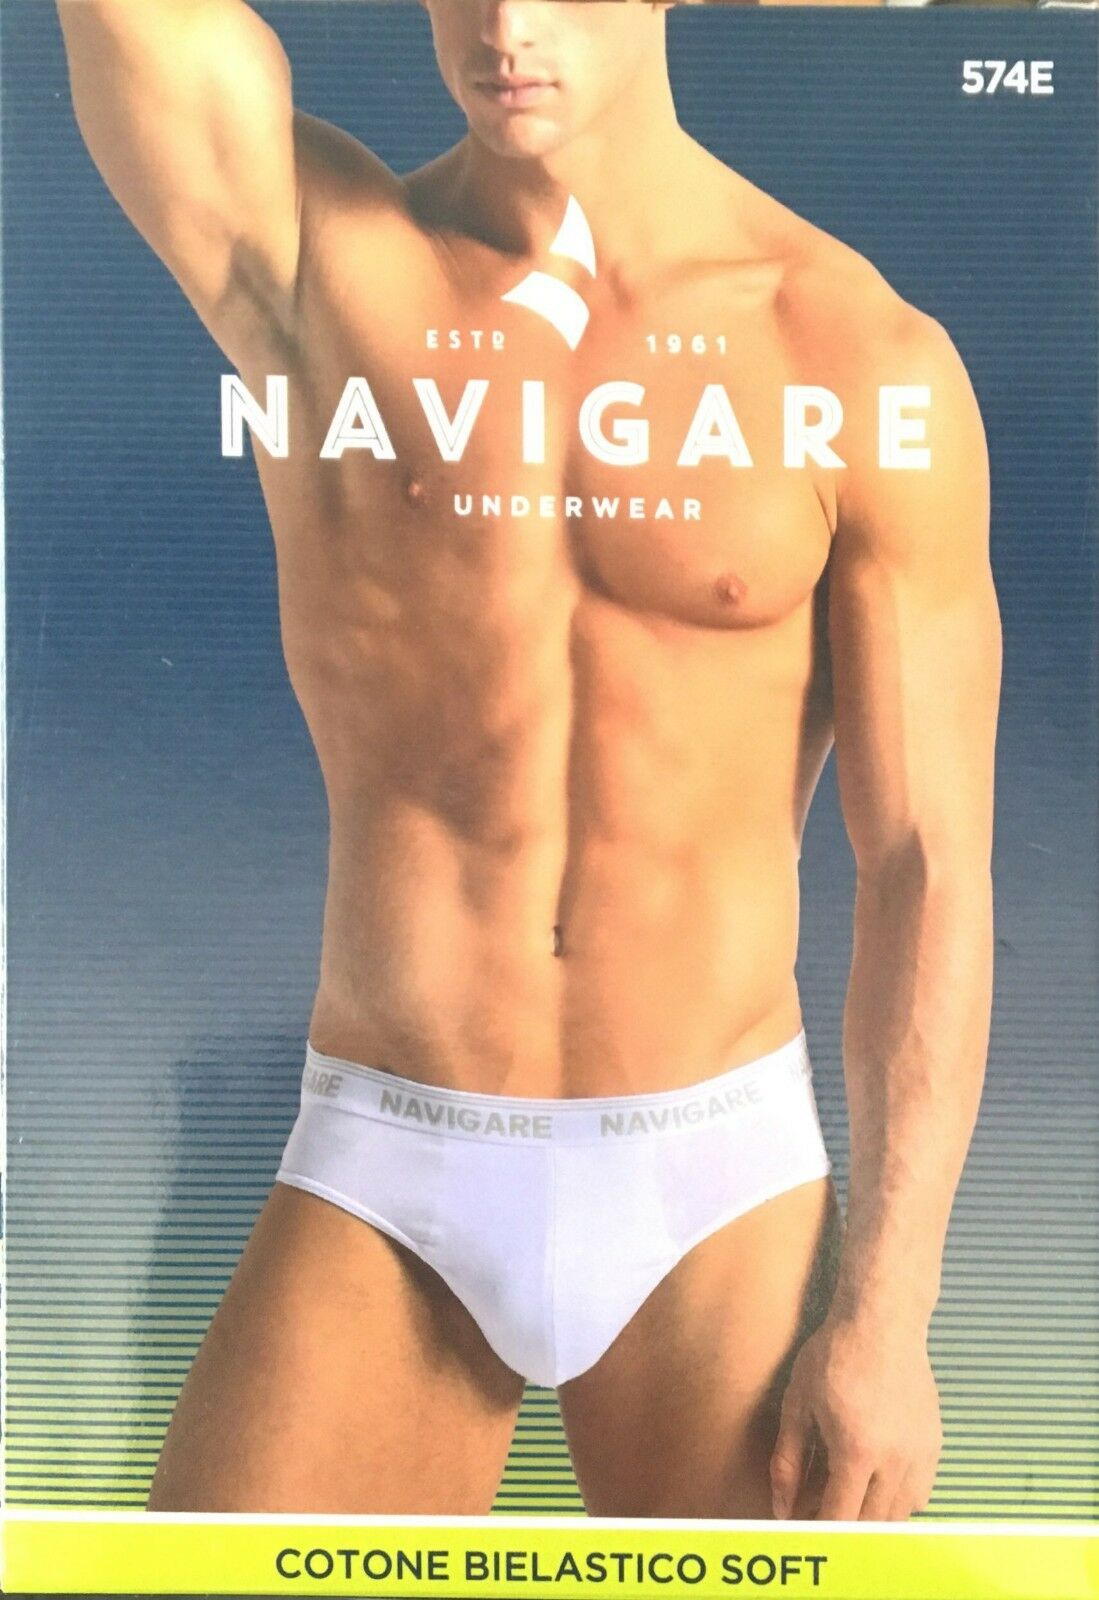 Mutande uomo navigare 6 paia slip intimo cotone elastico bianco nero assortito